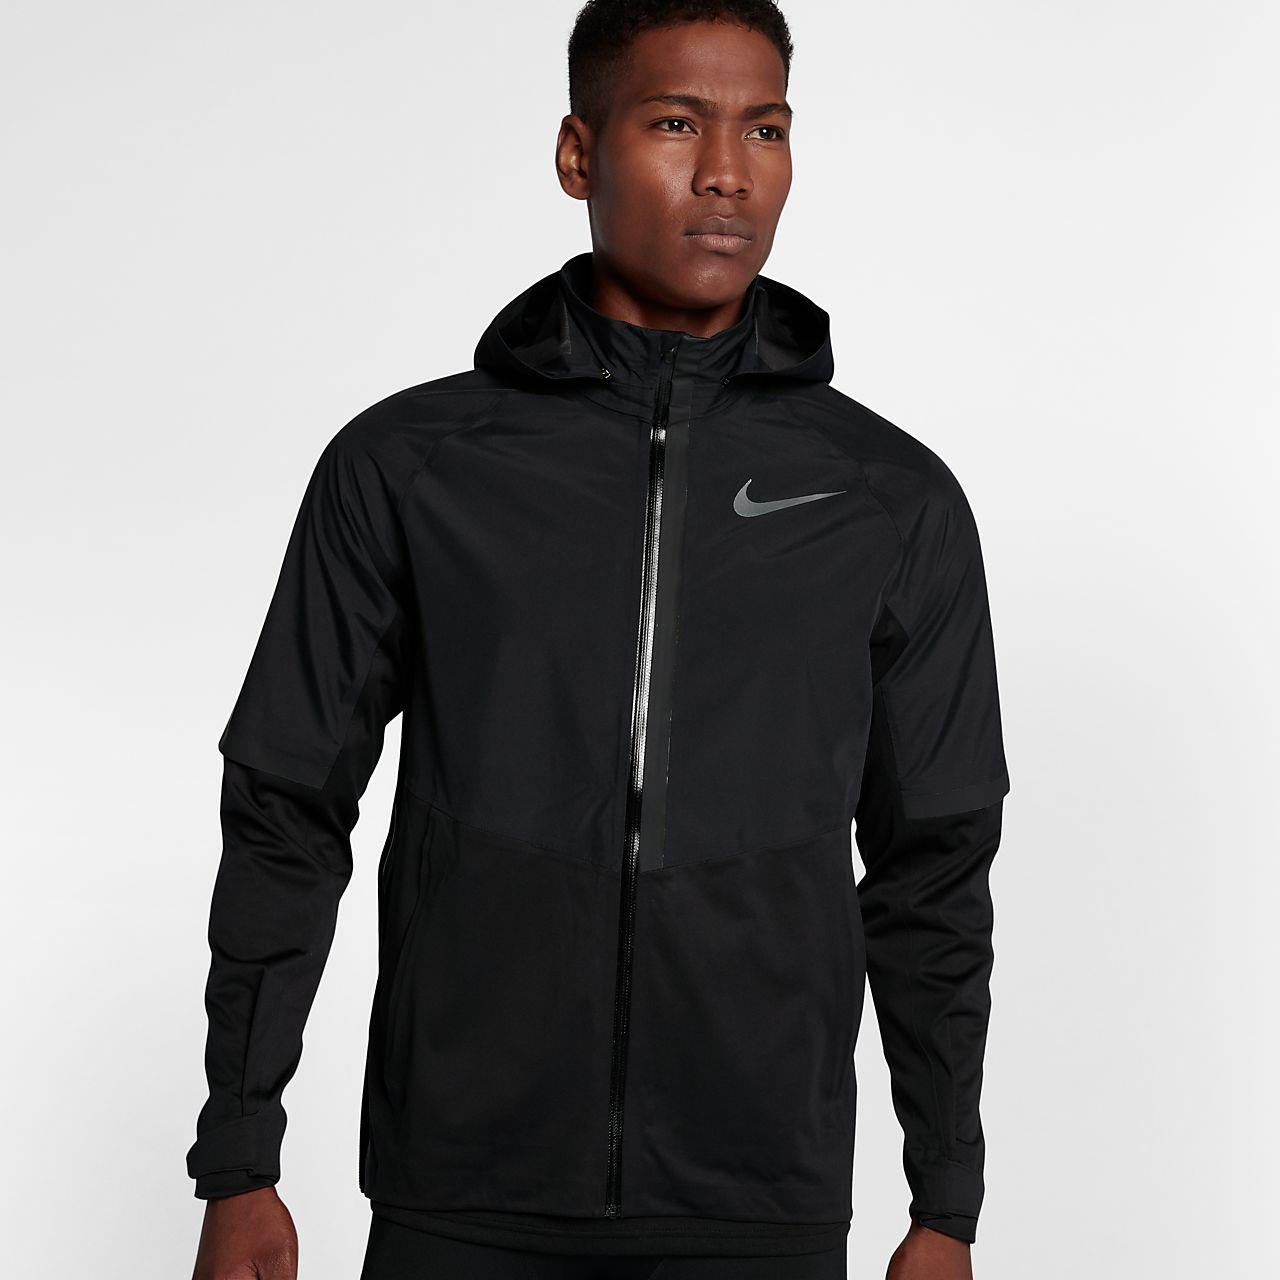 Ch Pour Aeroshield Nike Veste De Running Homme wRY0Rqf